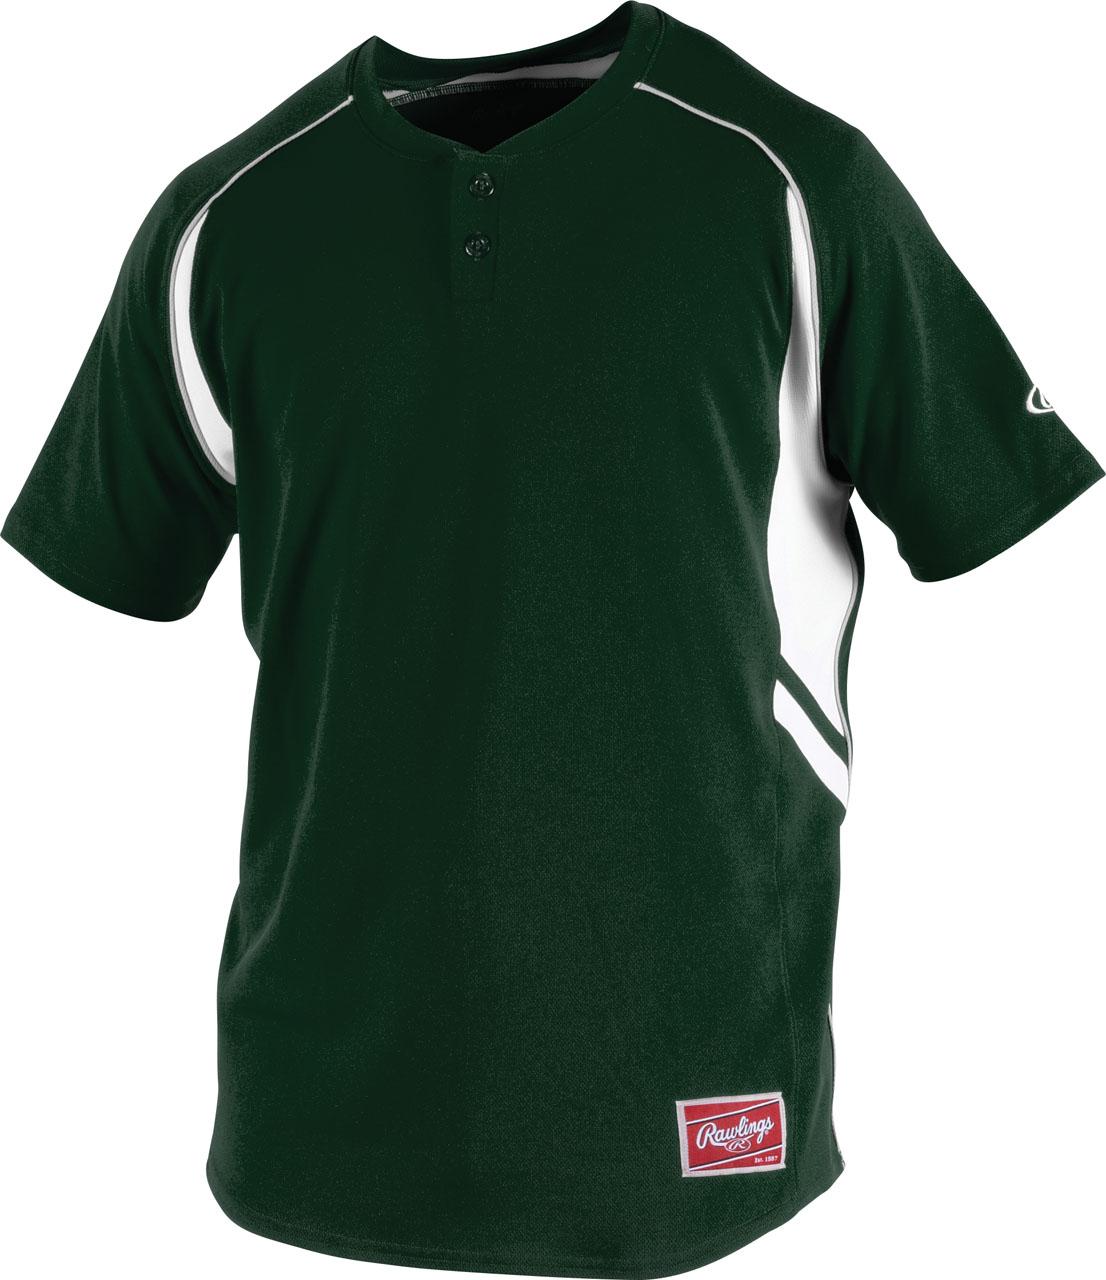 Custom jersey t shirts rawlings men 39 s 2 button jersey for Baseball jersey t shirt custom